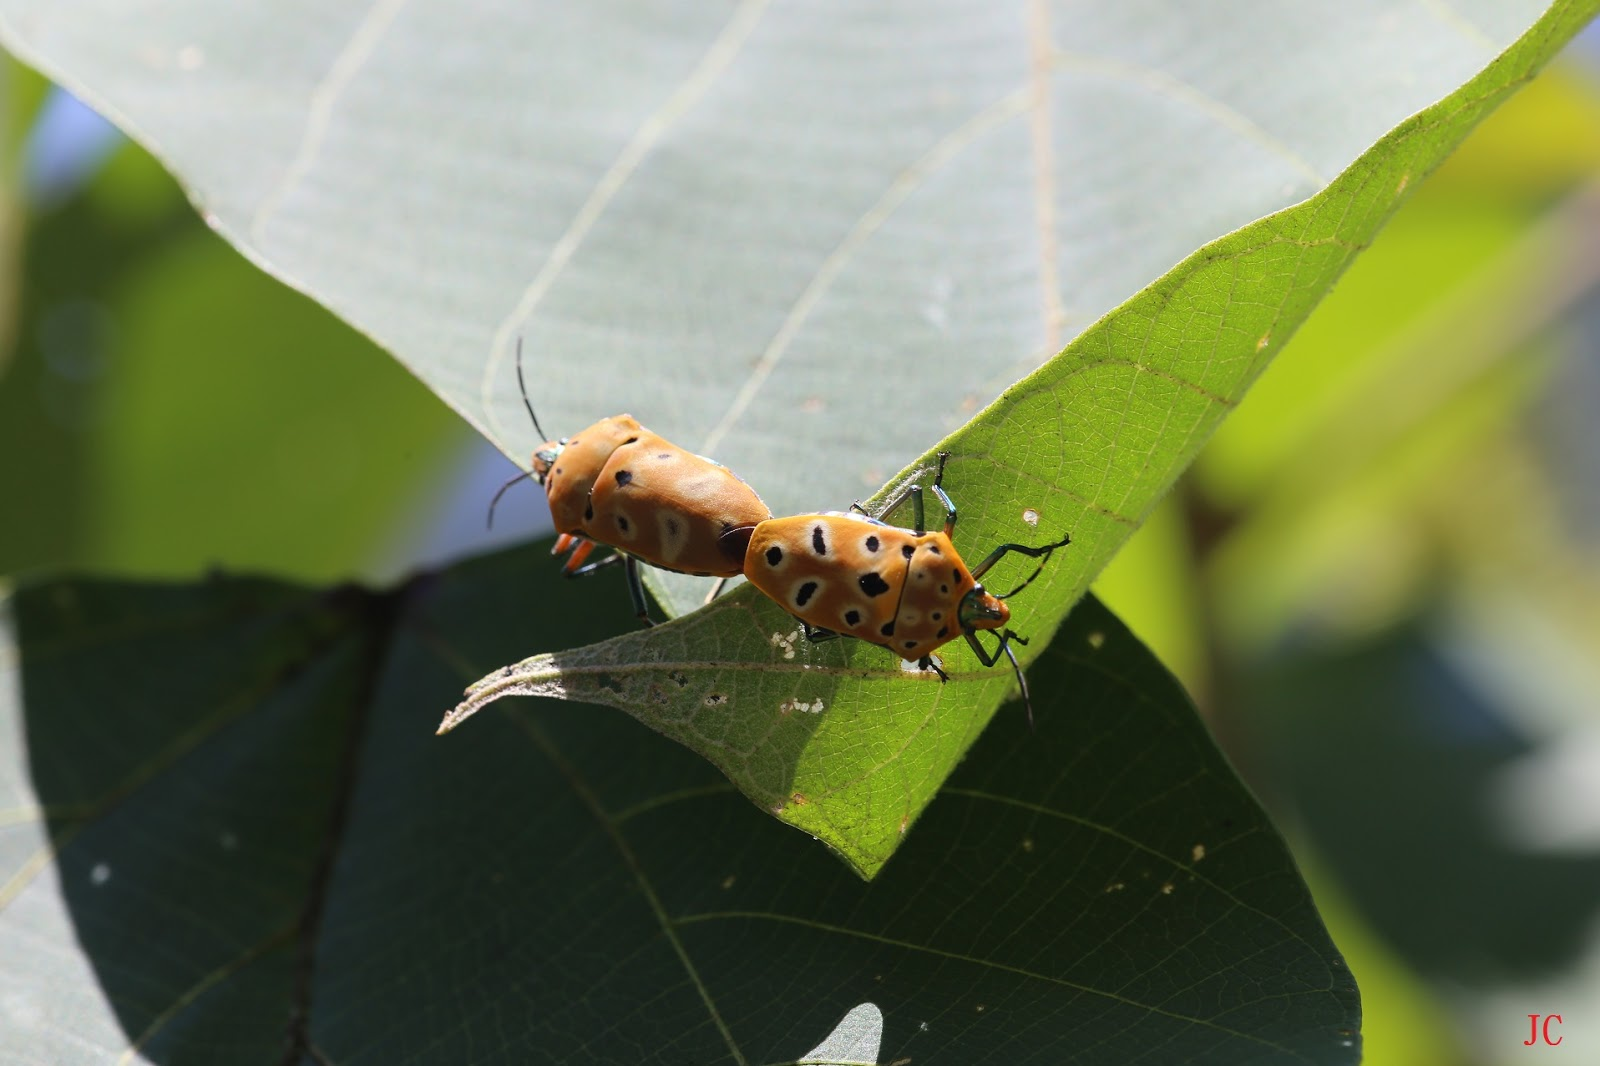 台灣野外昆蟲: 黃盾背椿象 台灣野外昆蟲   黃盾背椿象